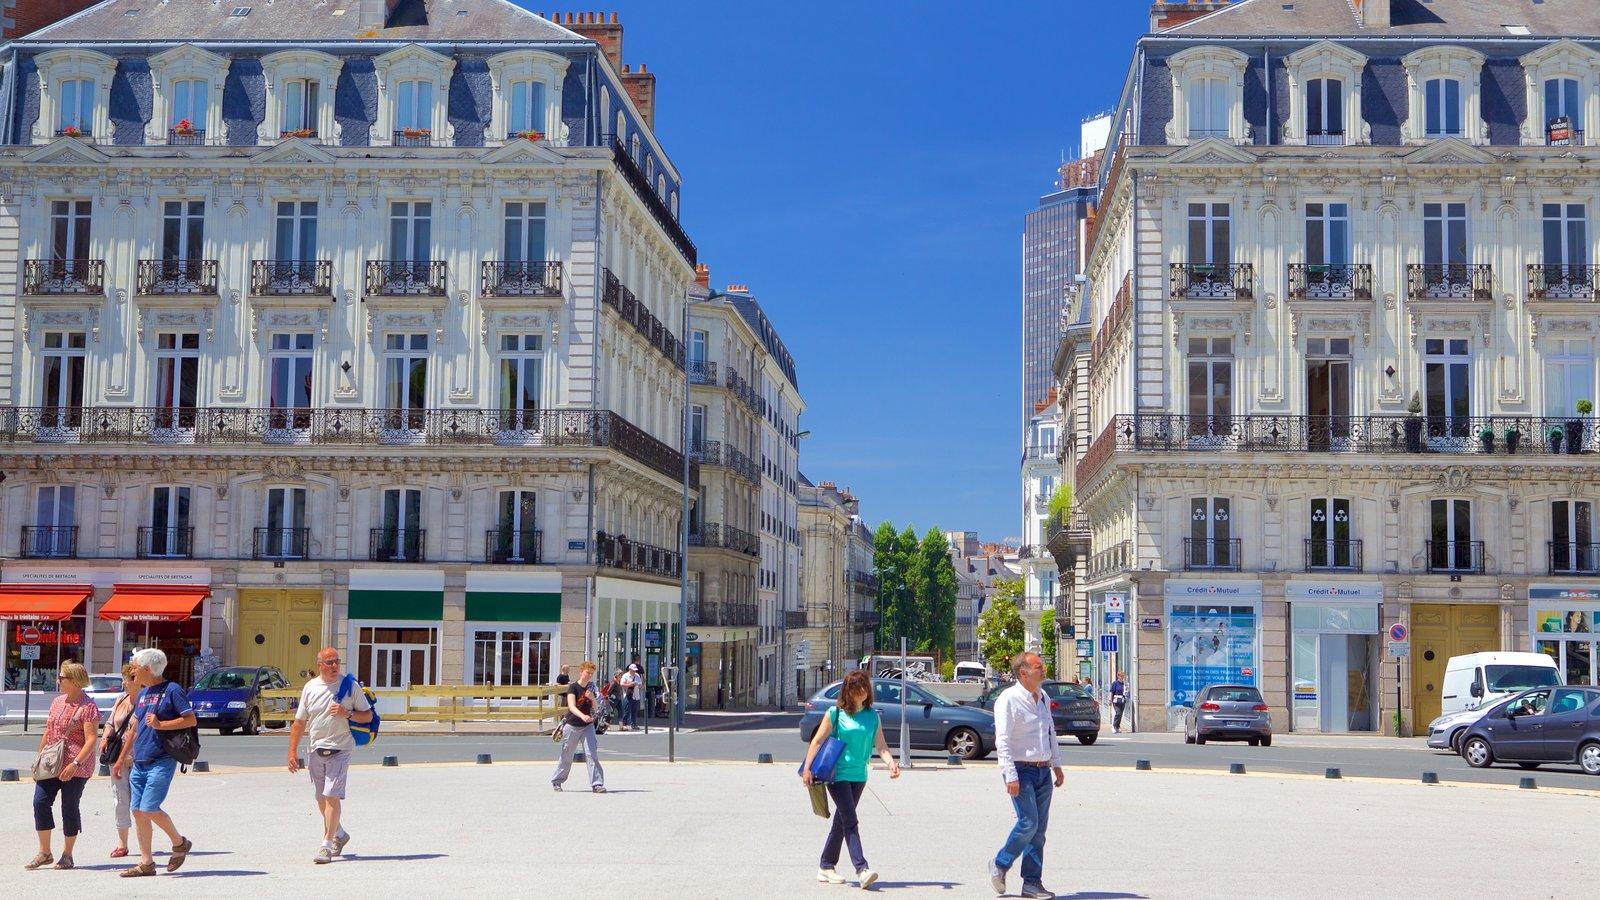 Nantes que inclui elementos de patrimônio e uma casa